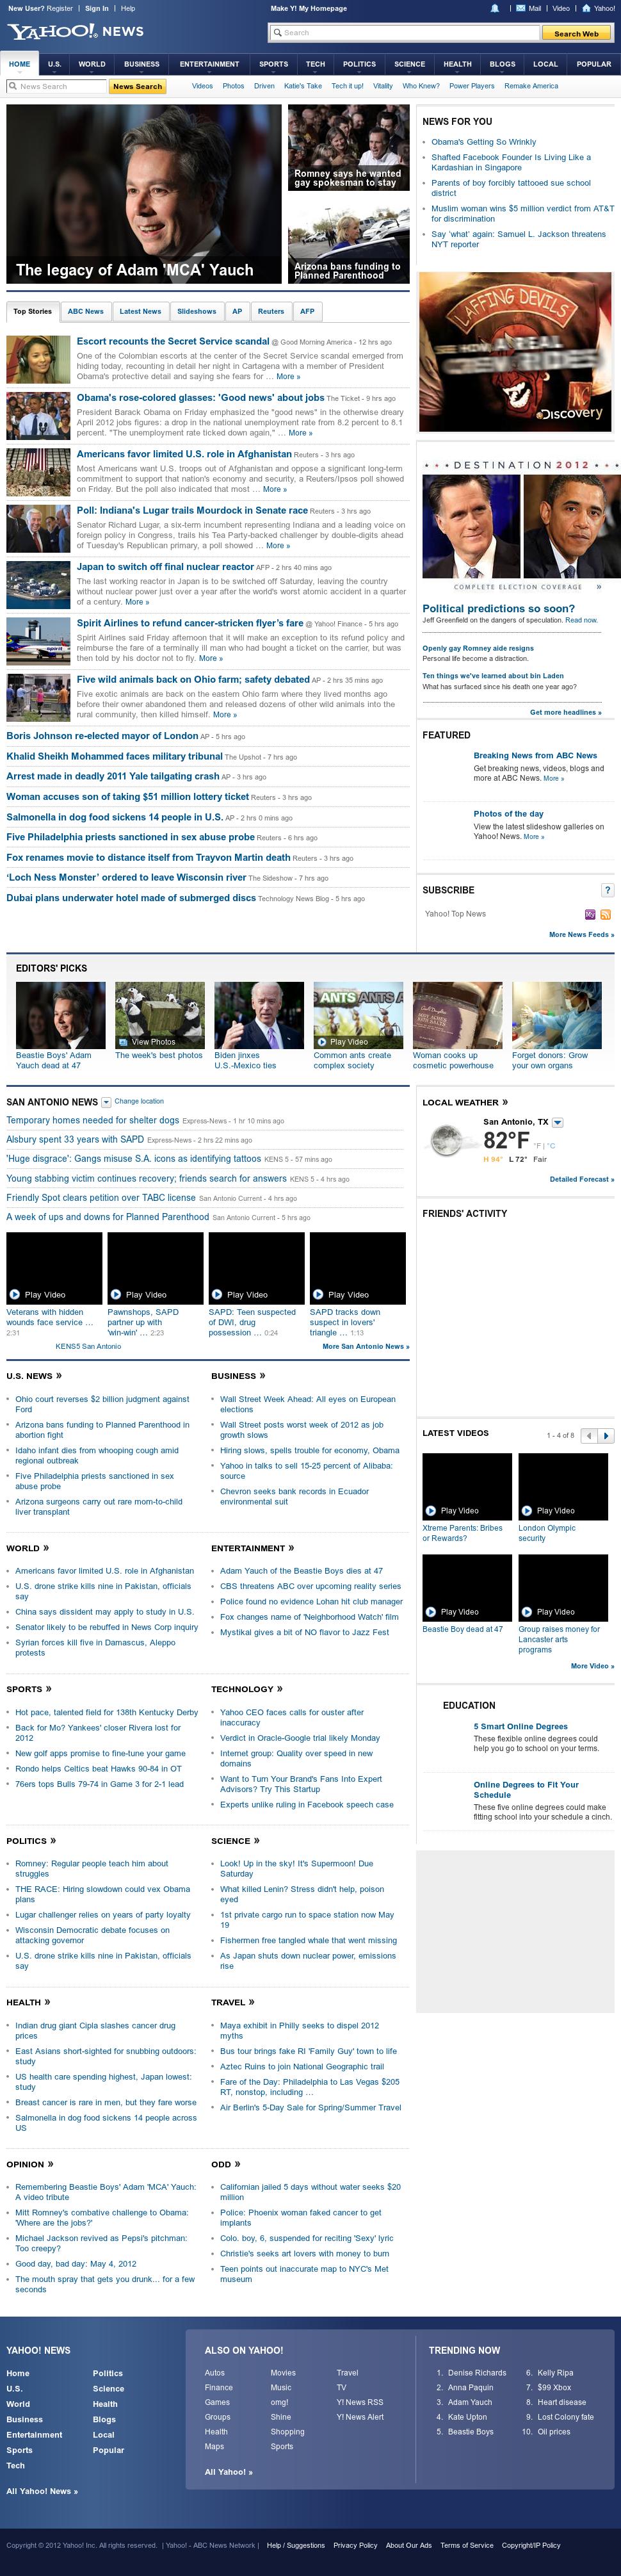 Yahoo! News at Saturday May 5, 2012, 4:15 a.m. UTC